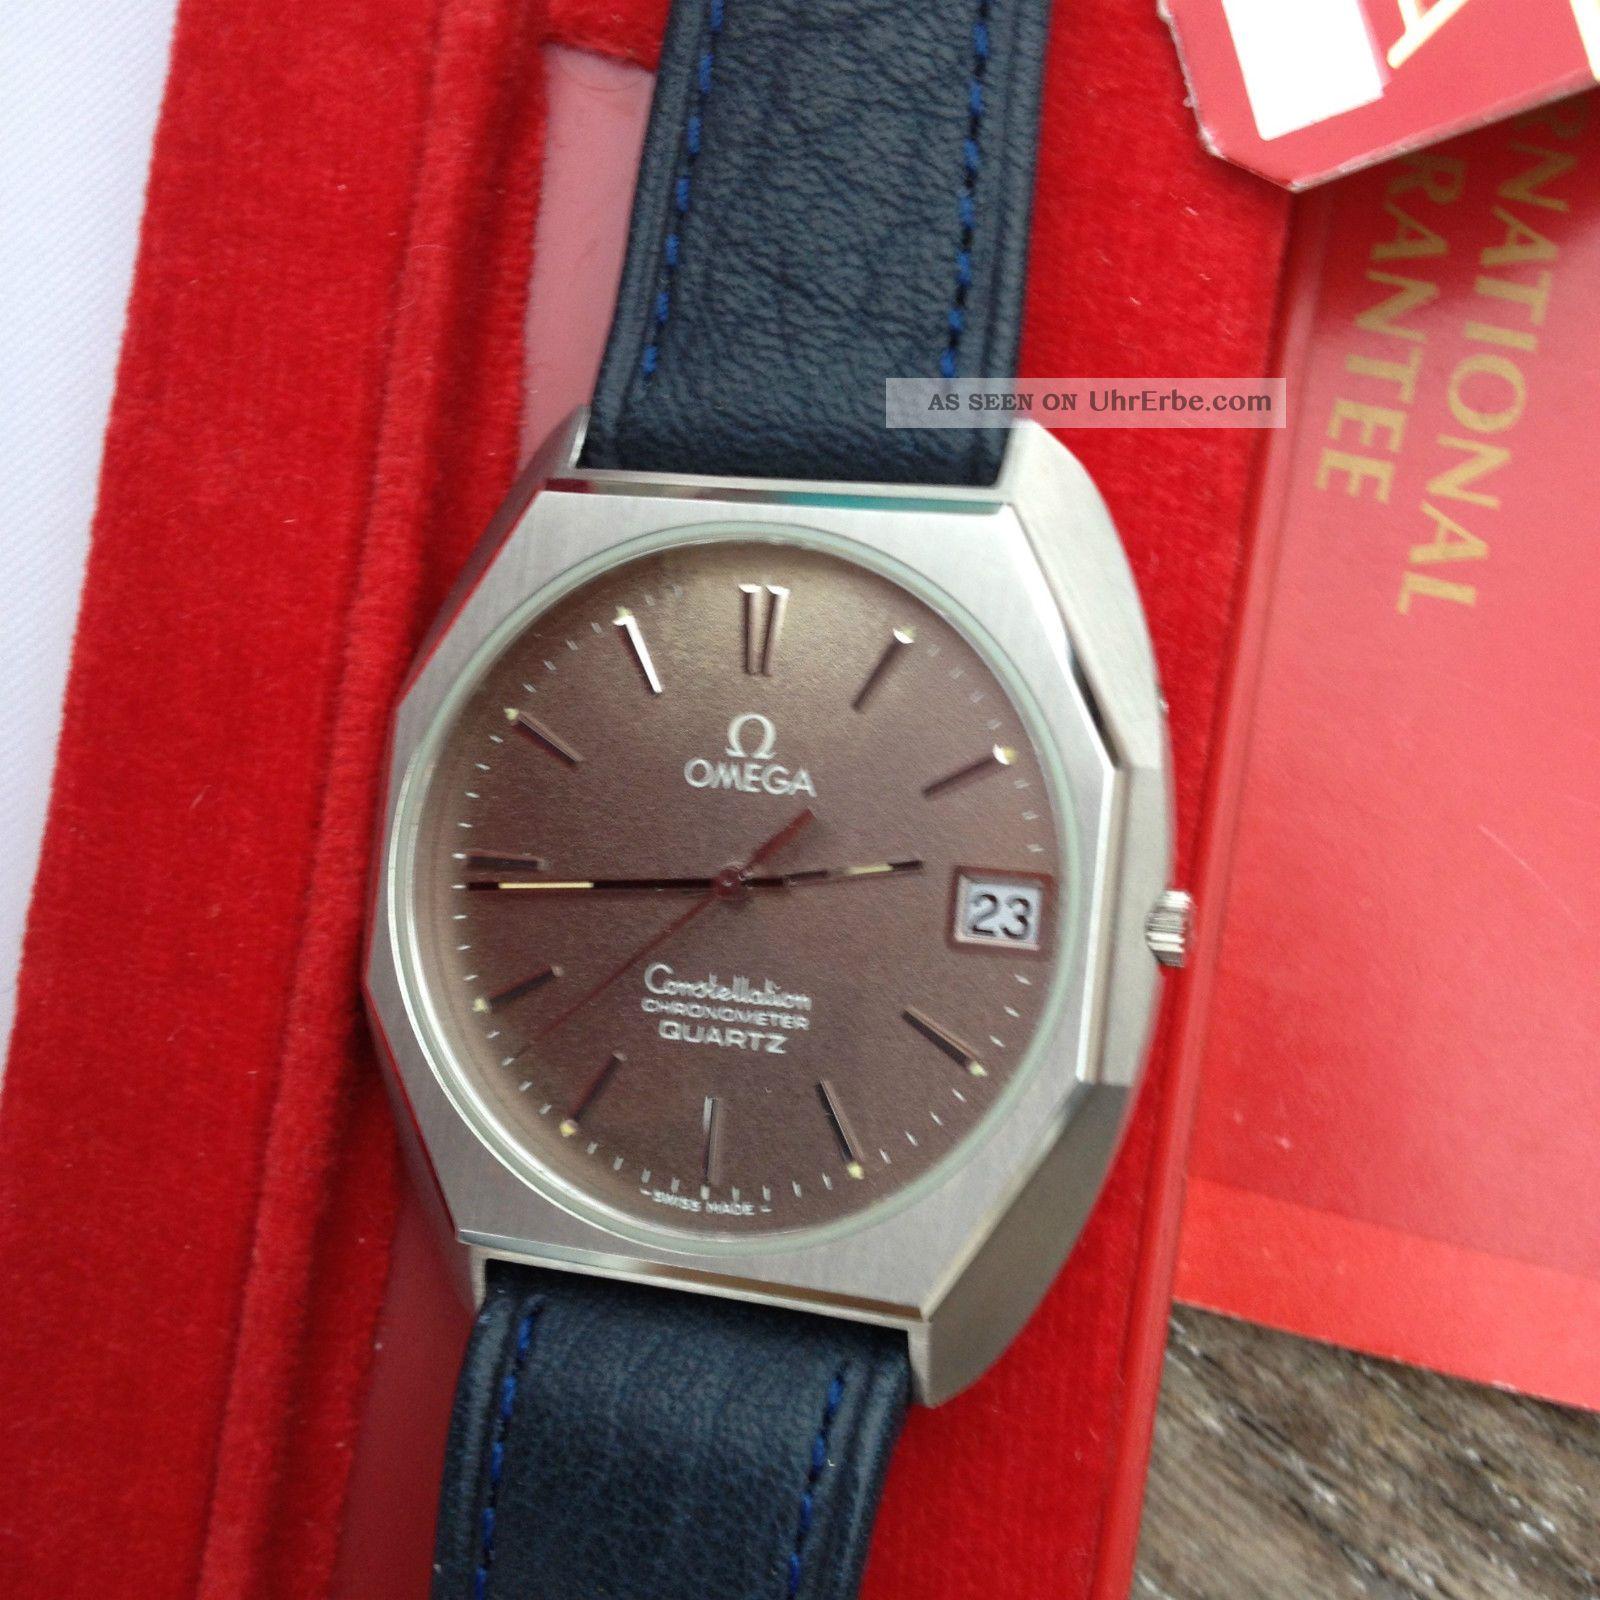 Omega Constellation 1333 Vintage/nos Ungetragen Box/garantieheft Armbanduhren Bild